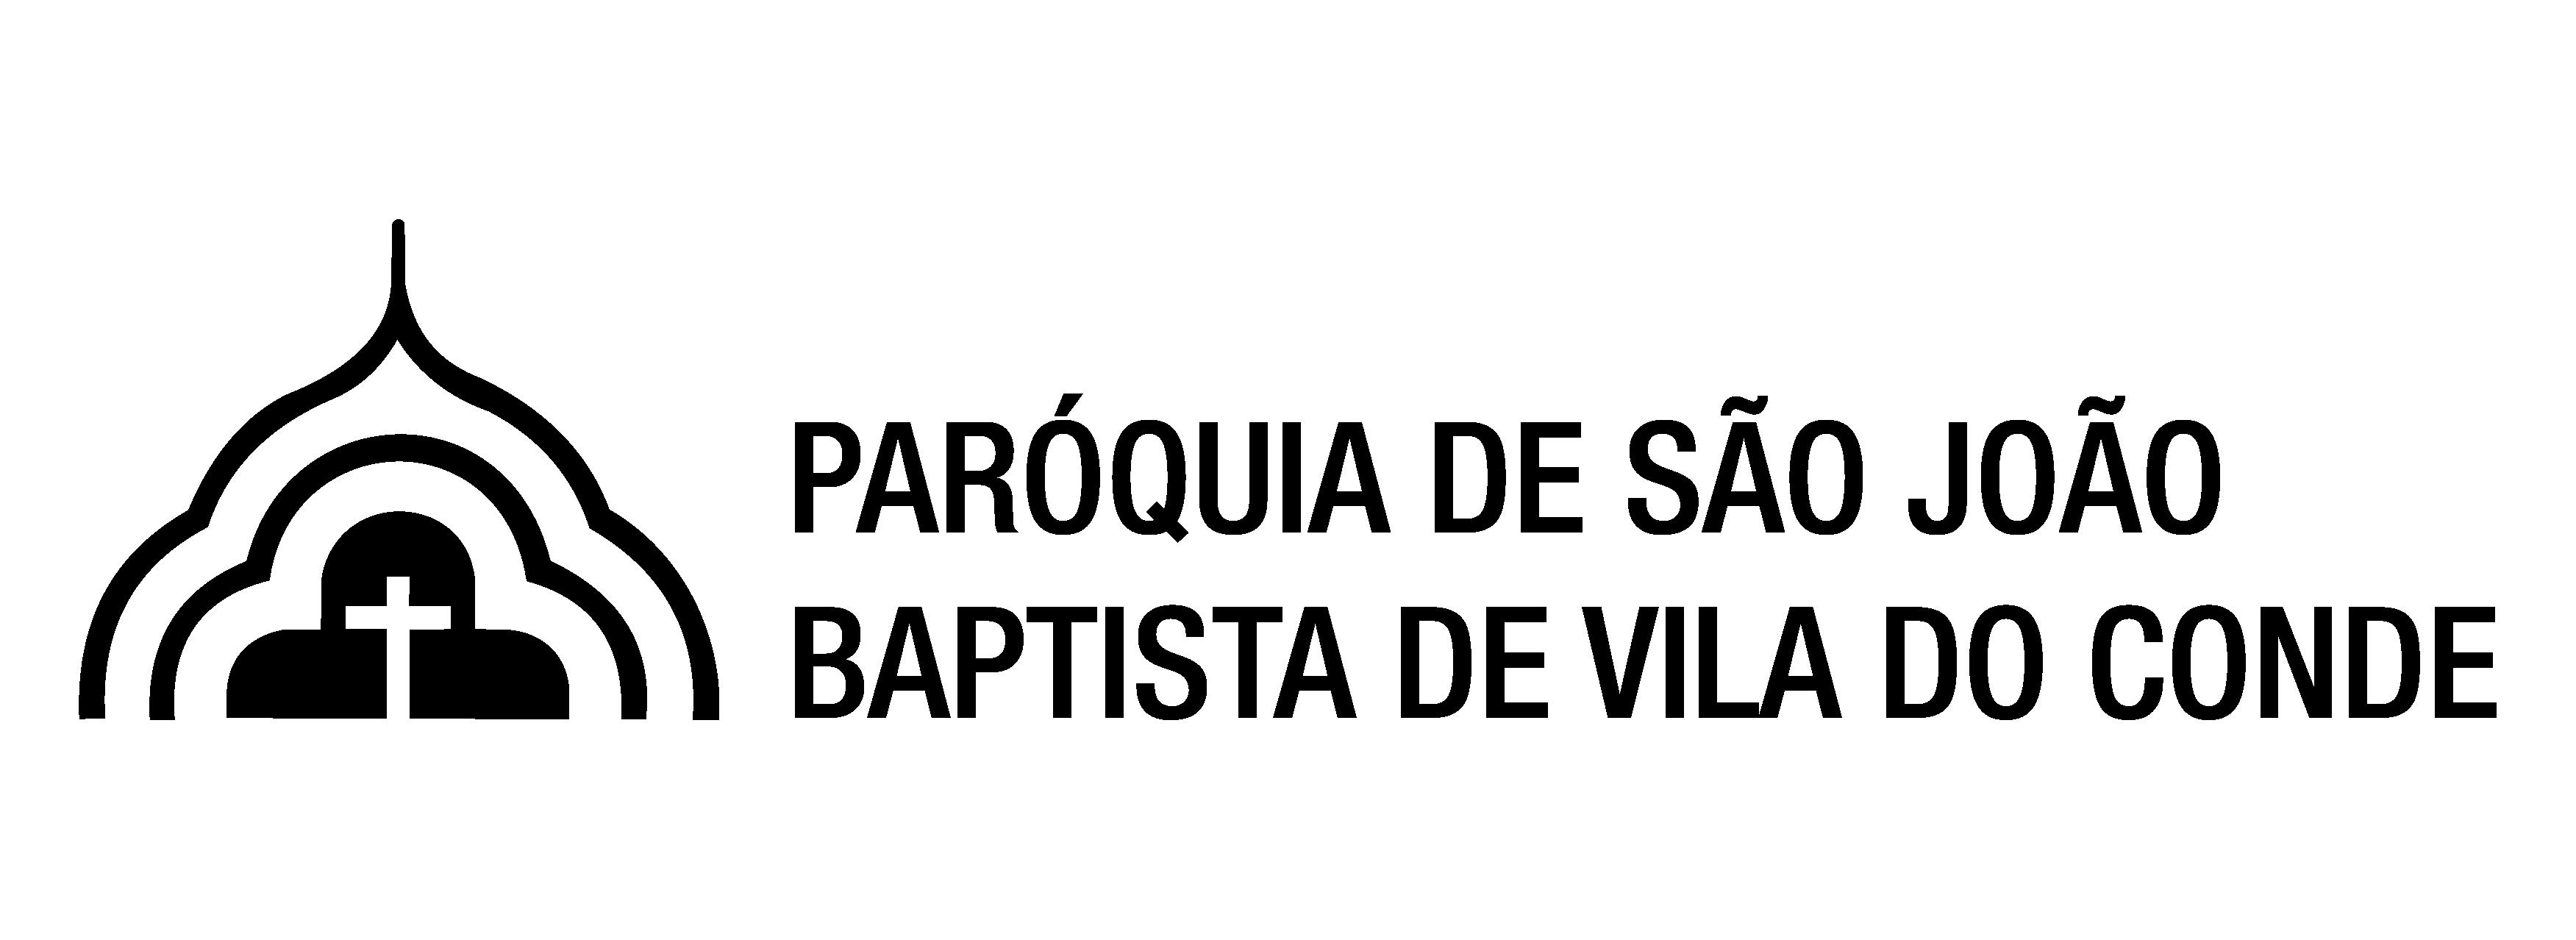 Paróquia de São João Baptista de Vila do Conde - Paróquia de São João Baptista de Vila do Conde